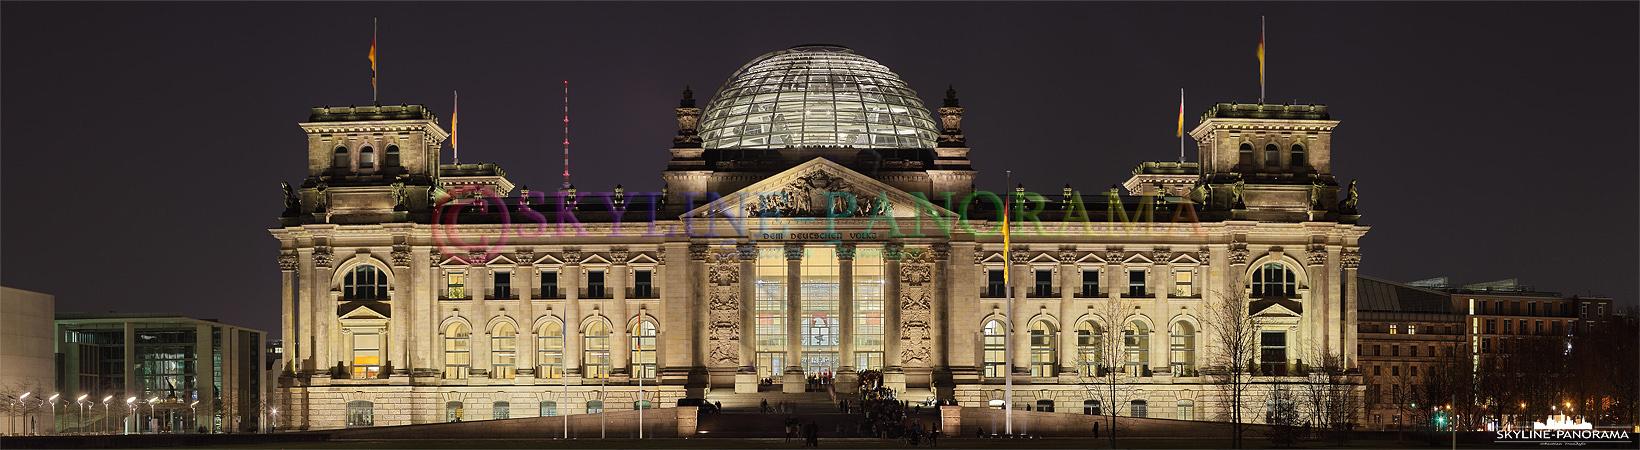 Bilder Berlin - Der Reichstag gehört neben dem Brandenburger Tor zu den bekanntesten Wahrzeichen Berlins, hier zu sehen im Panoramaformat.